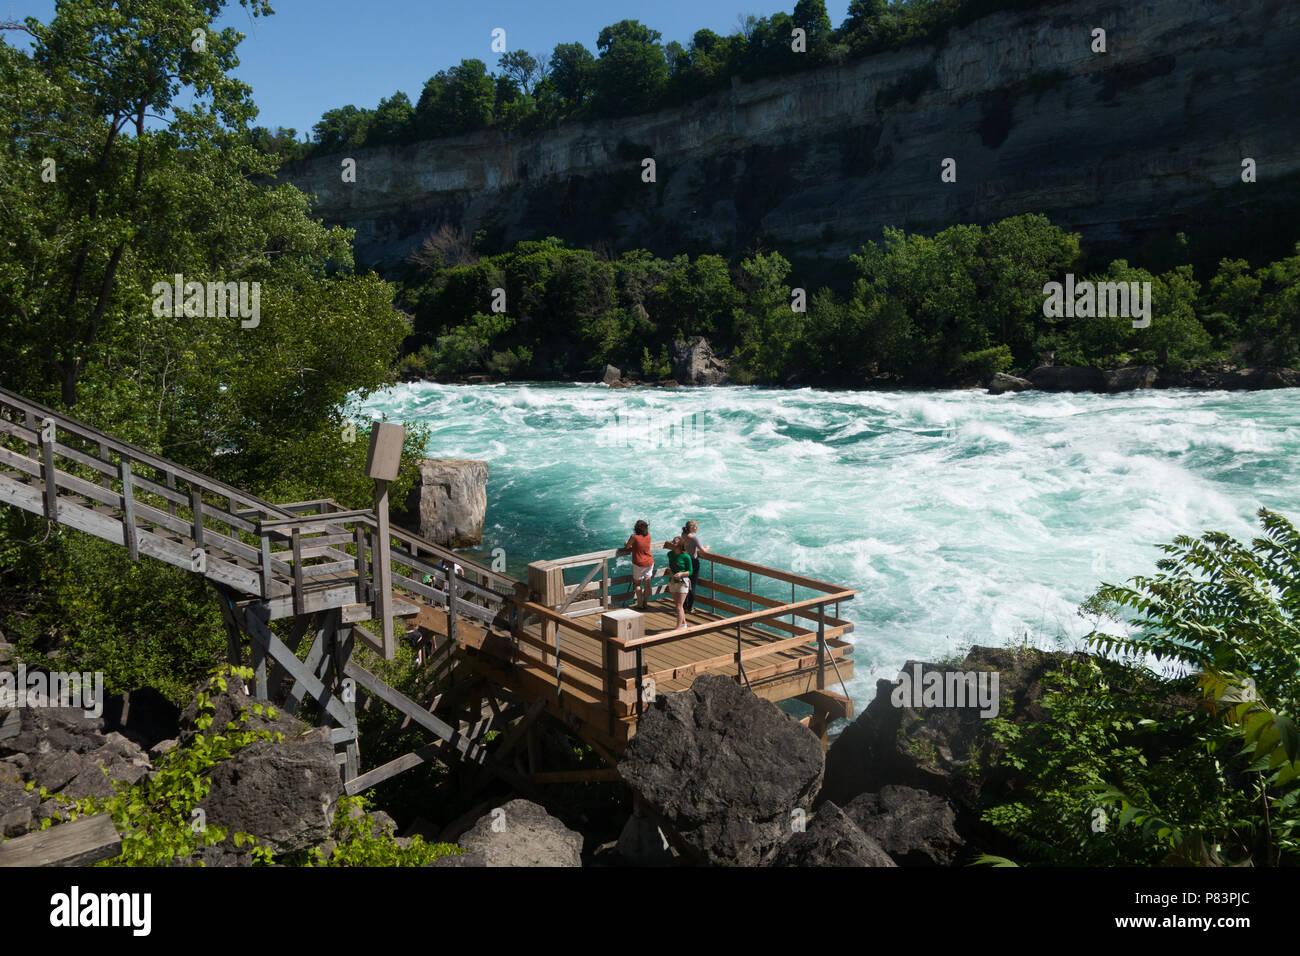 La clase 6 del Niagara River rápidos de agua blanca como se ve desde el Agua Blanca Paseo atractivo en las Cataratas del Niágara en las Cataratas del Niágara, Ontario, Canadá Imagen De Stock